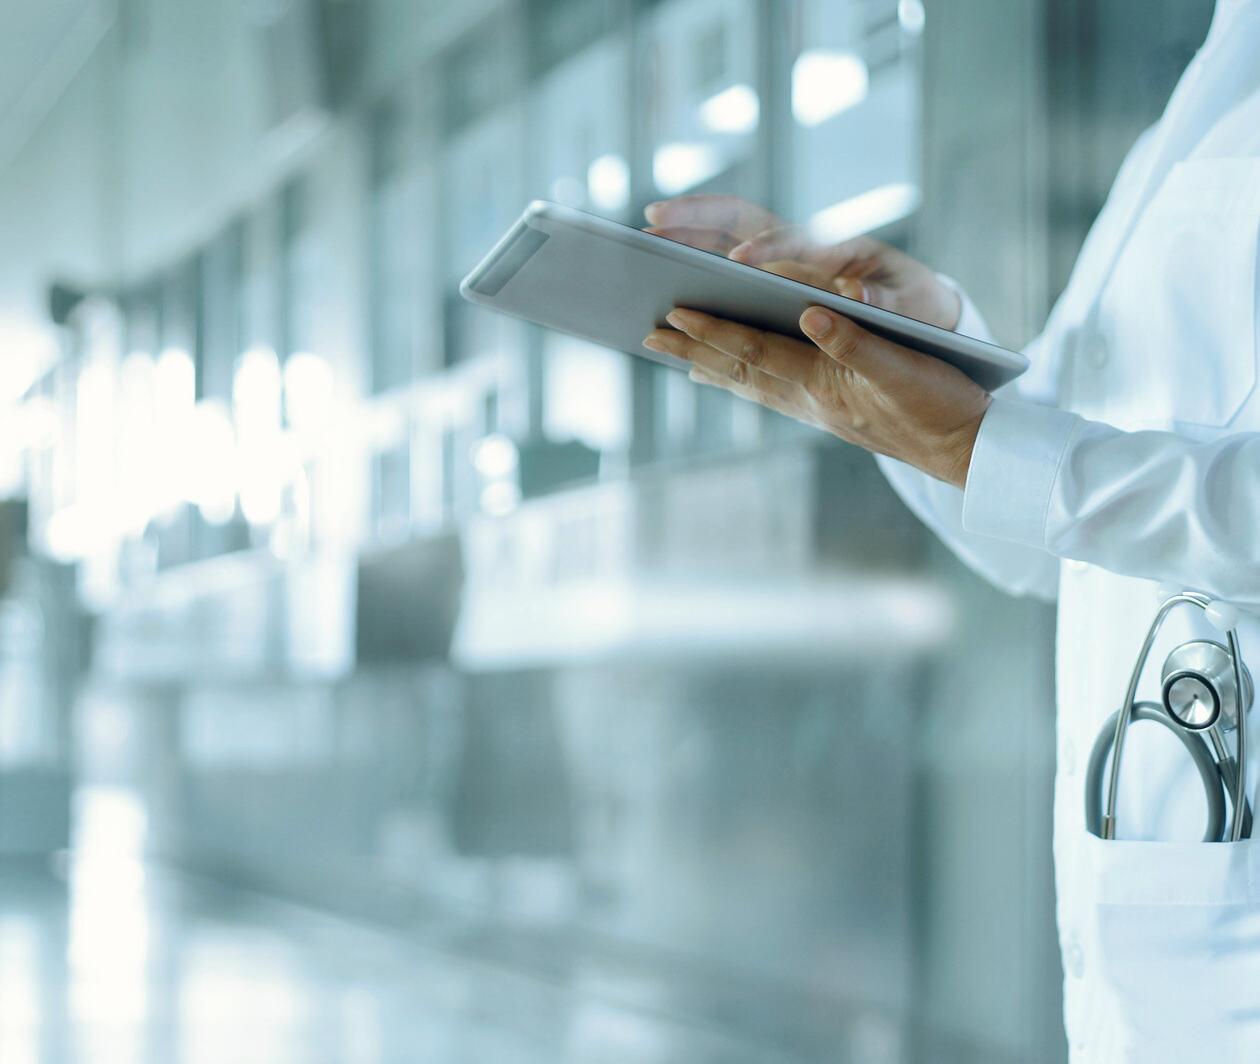 Digital Tools for Efficient Clinical Trials